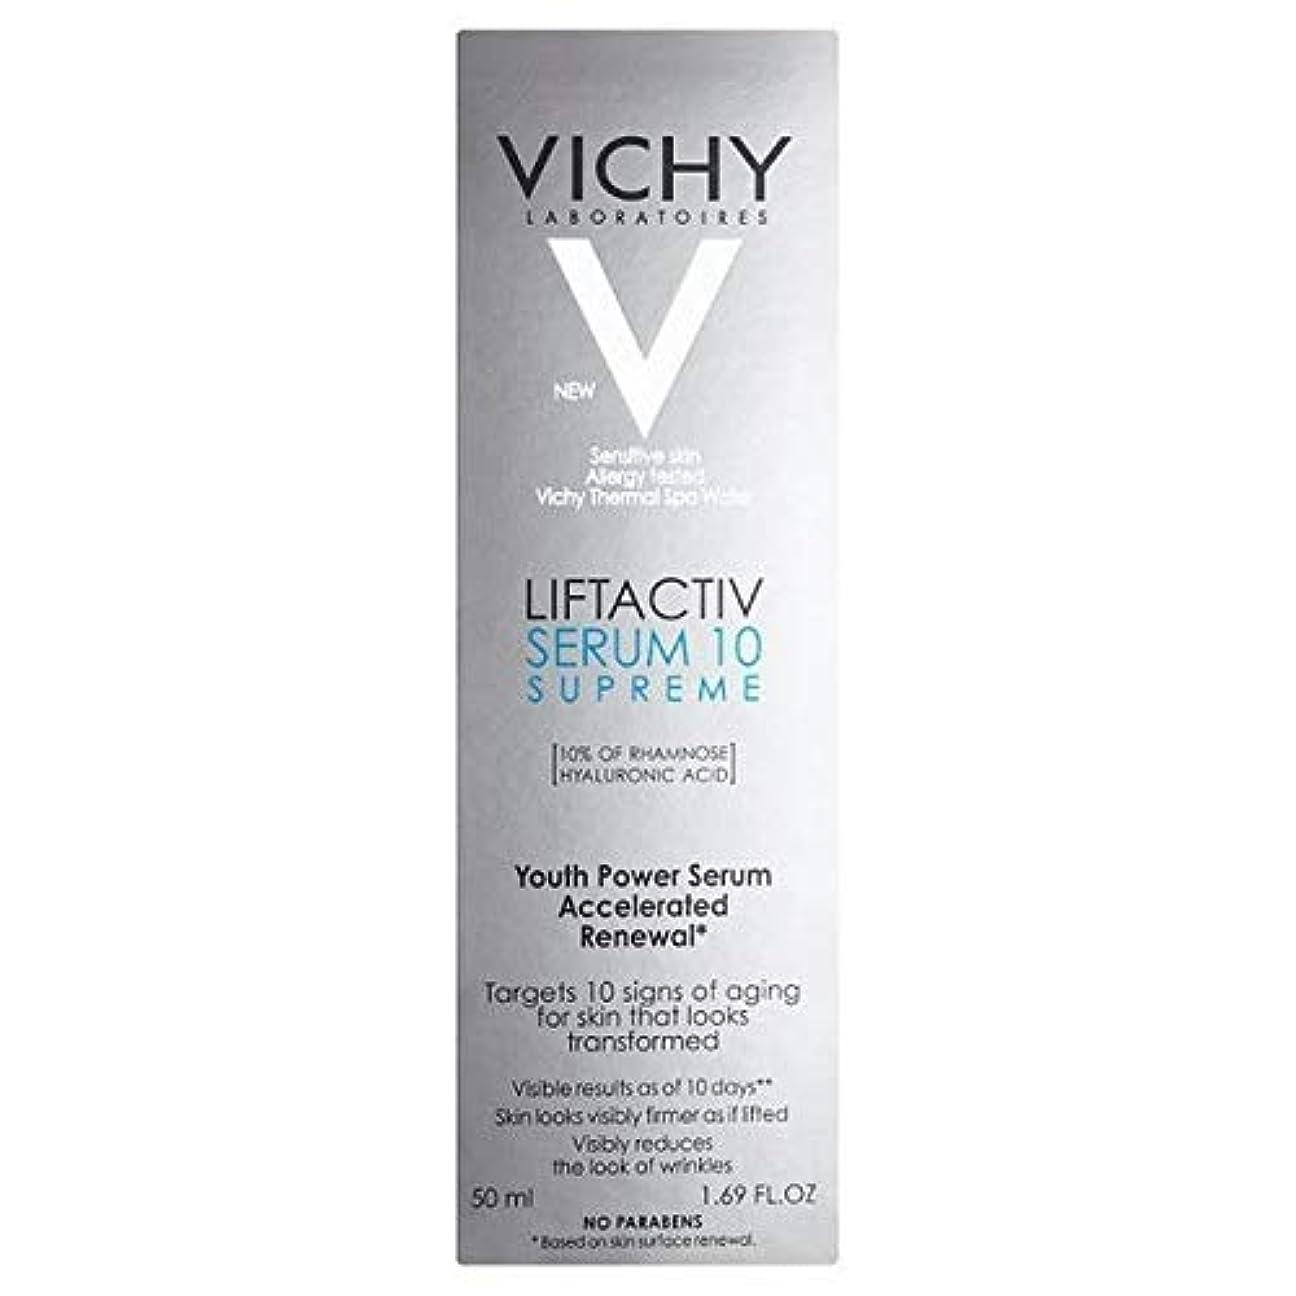 日カナダ優遇[Vichy] アンチエイジング最高の日に血清10 50ミリリットルLiftactivヴィシー - Vichy LiftActiv Anti-Ageing Supreme Day Serum 10 50ml [並行輸入品]